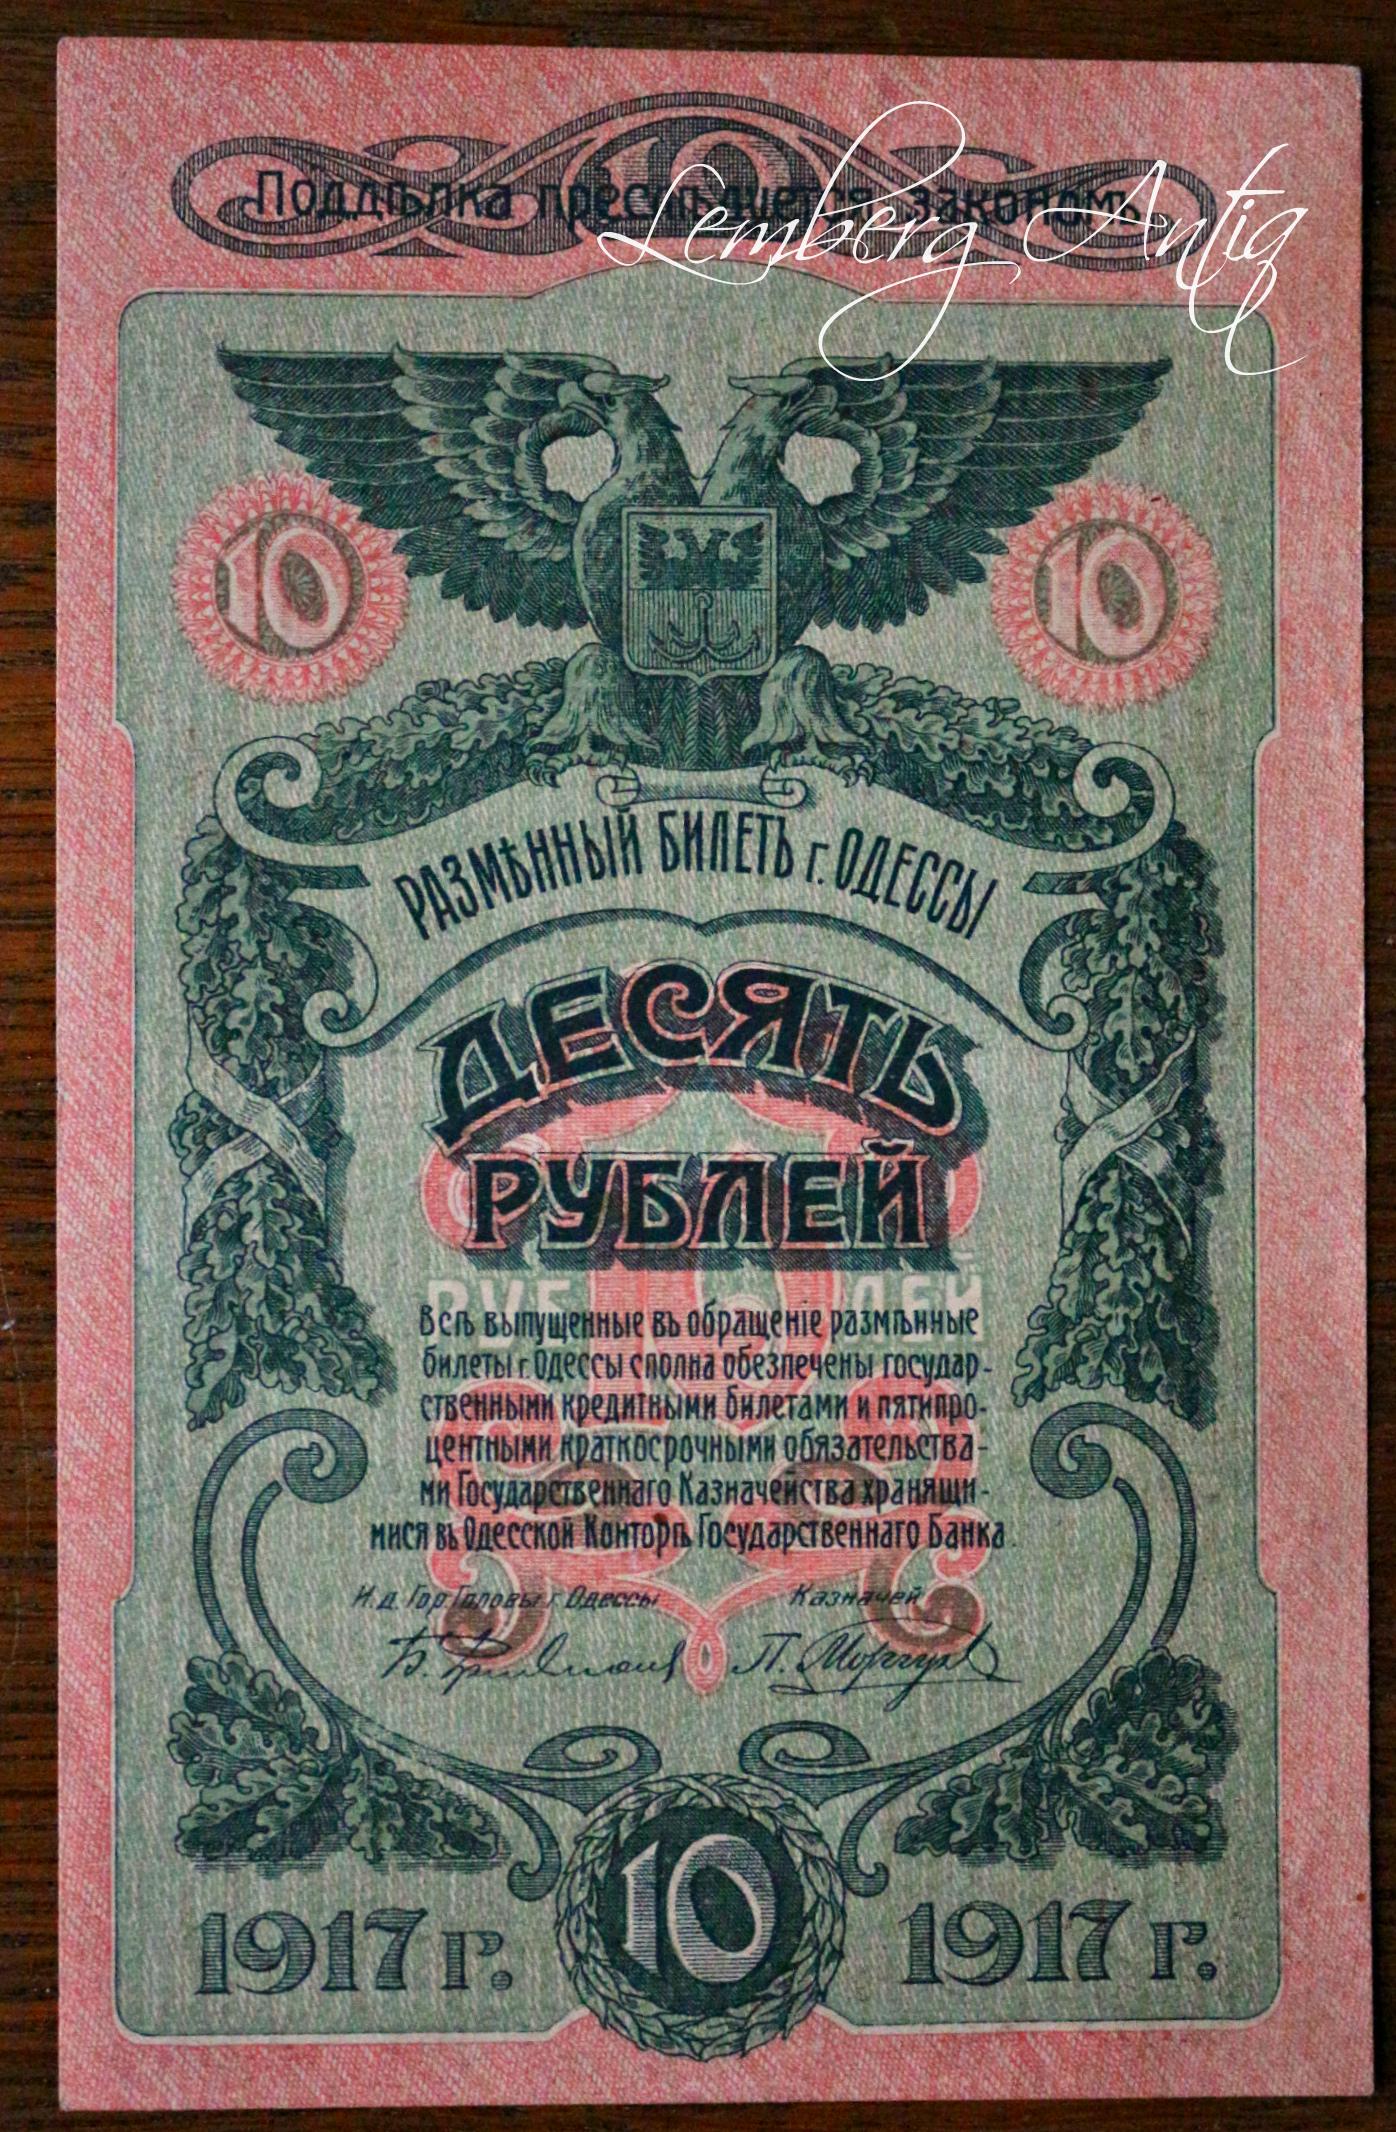 Банкнота розмінний білет м. Одеси